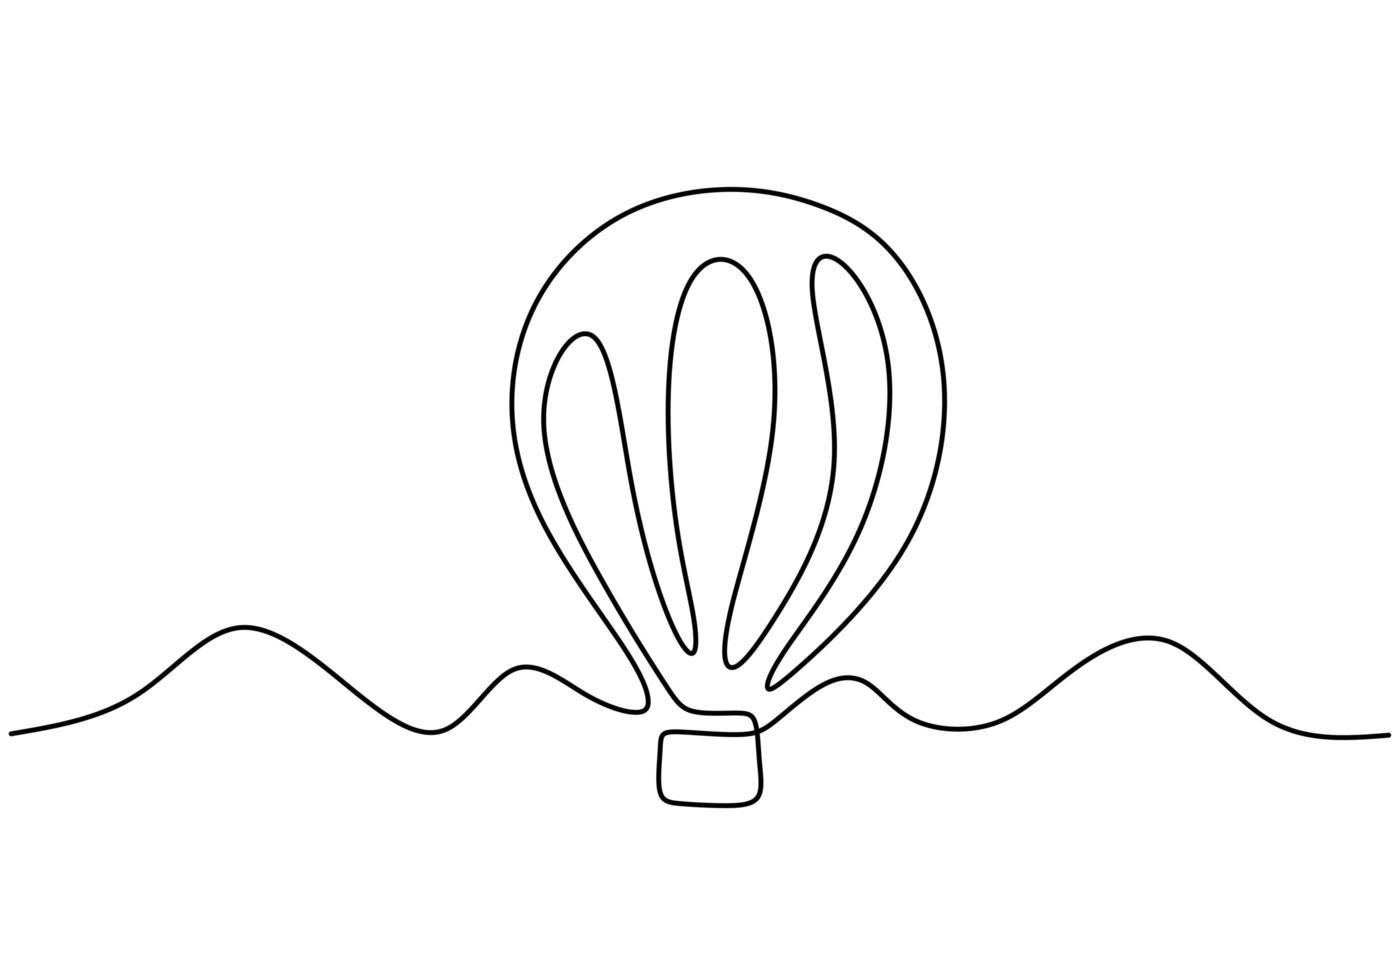 aérostat d'illustration vectorielle. illustration de ballon à air de style continu à une ligne, concept de voyage créatif minimalisme vecteur